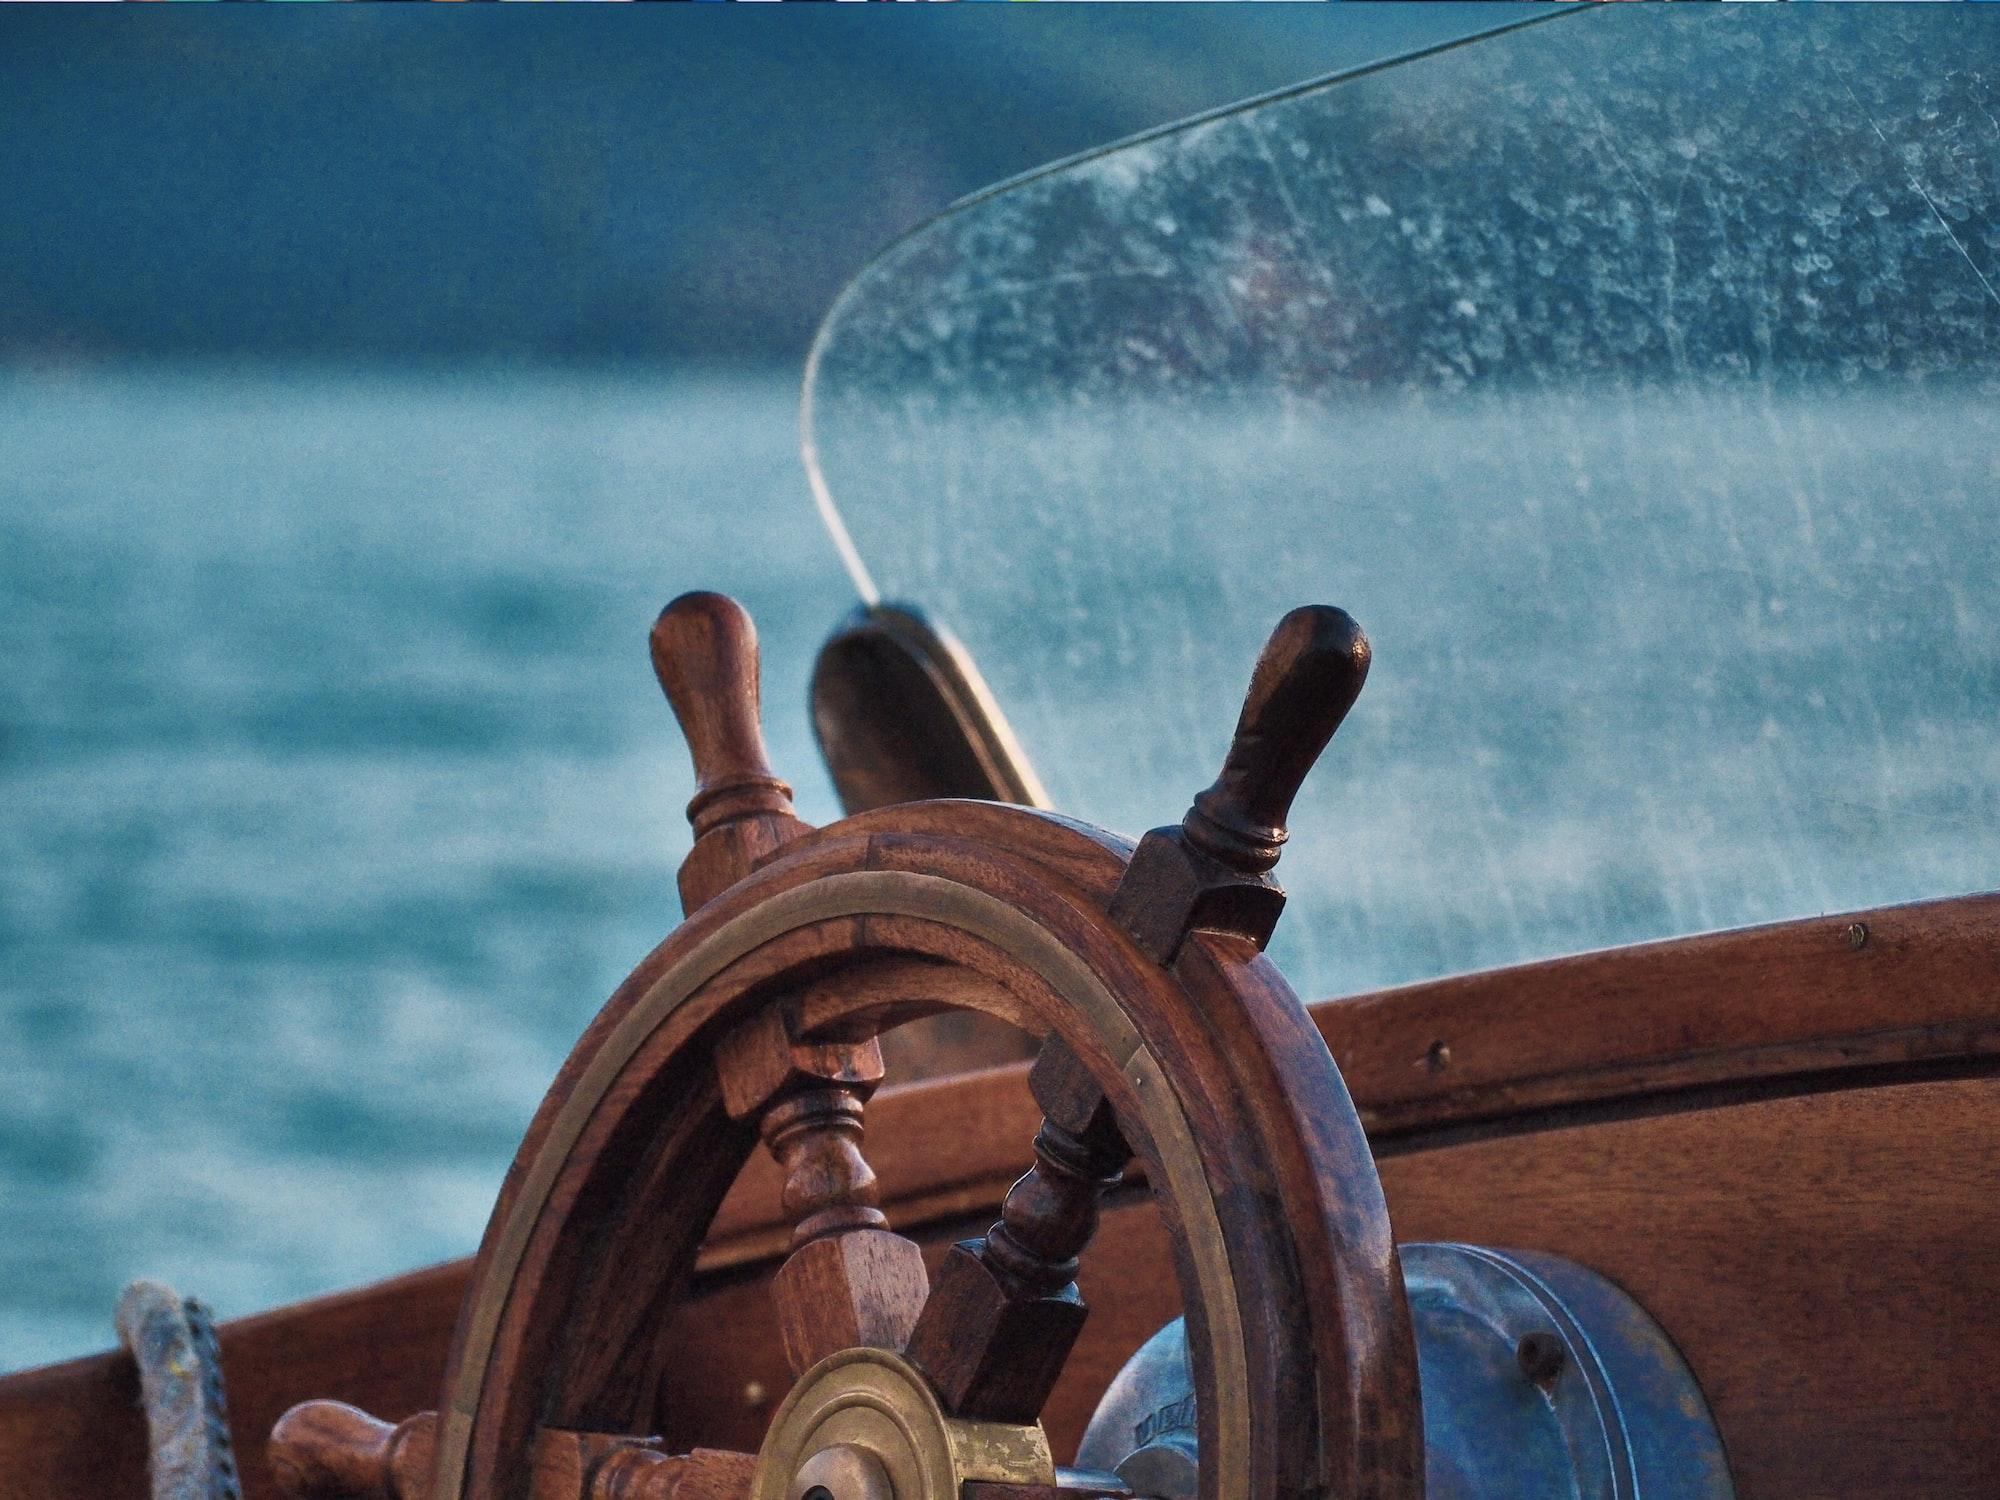 Armazenando seus Helm Charts no Azure Container Registry